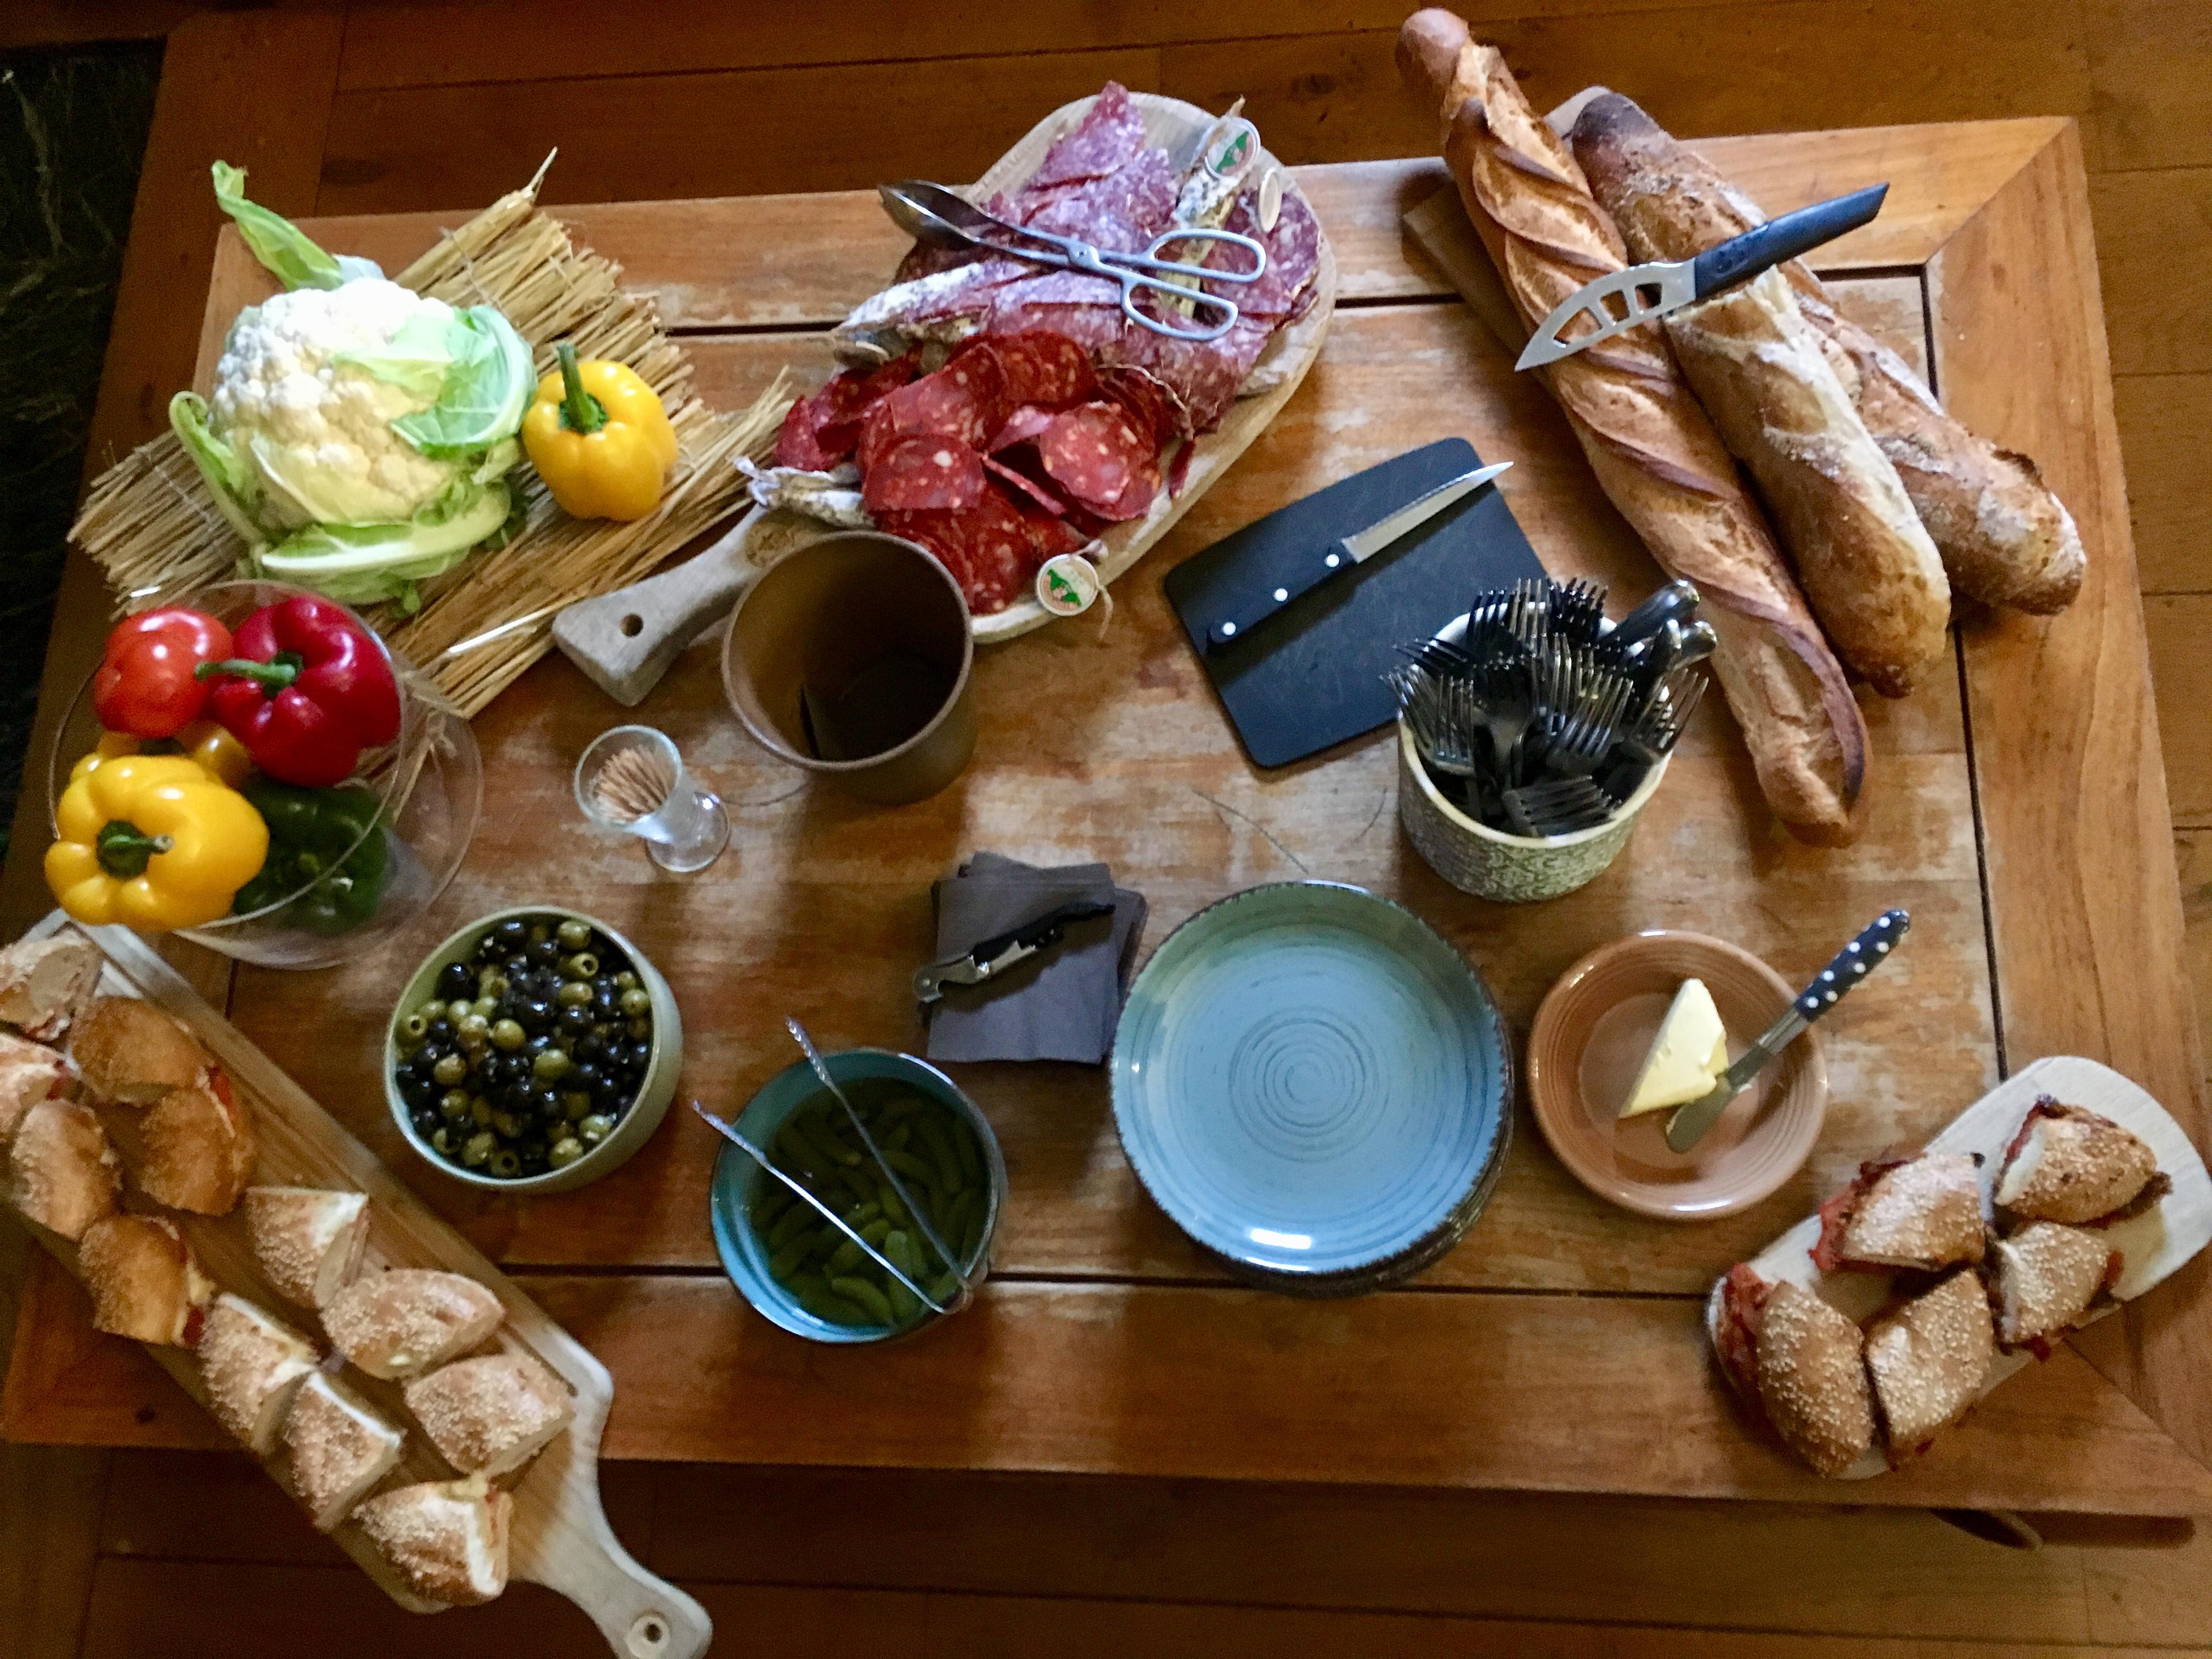 When Food is Art: Exquisite Presentation at Châteauform's Les prés d'Ecoublay